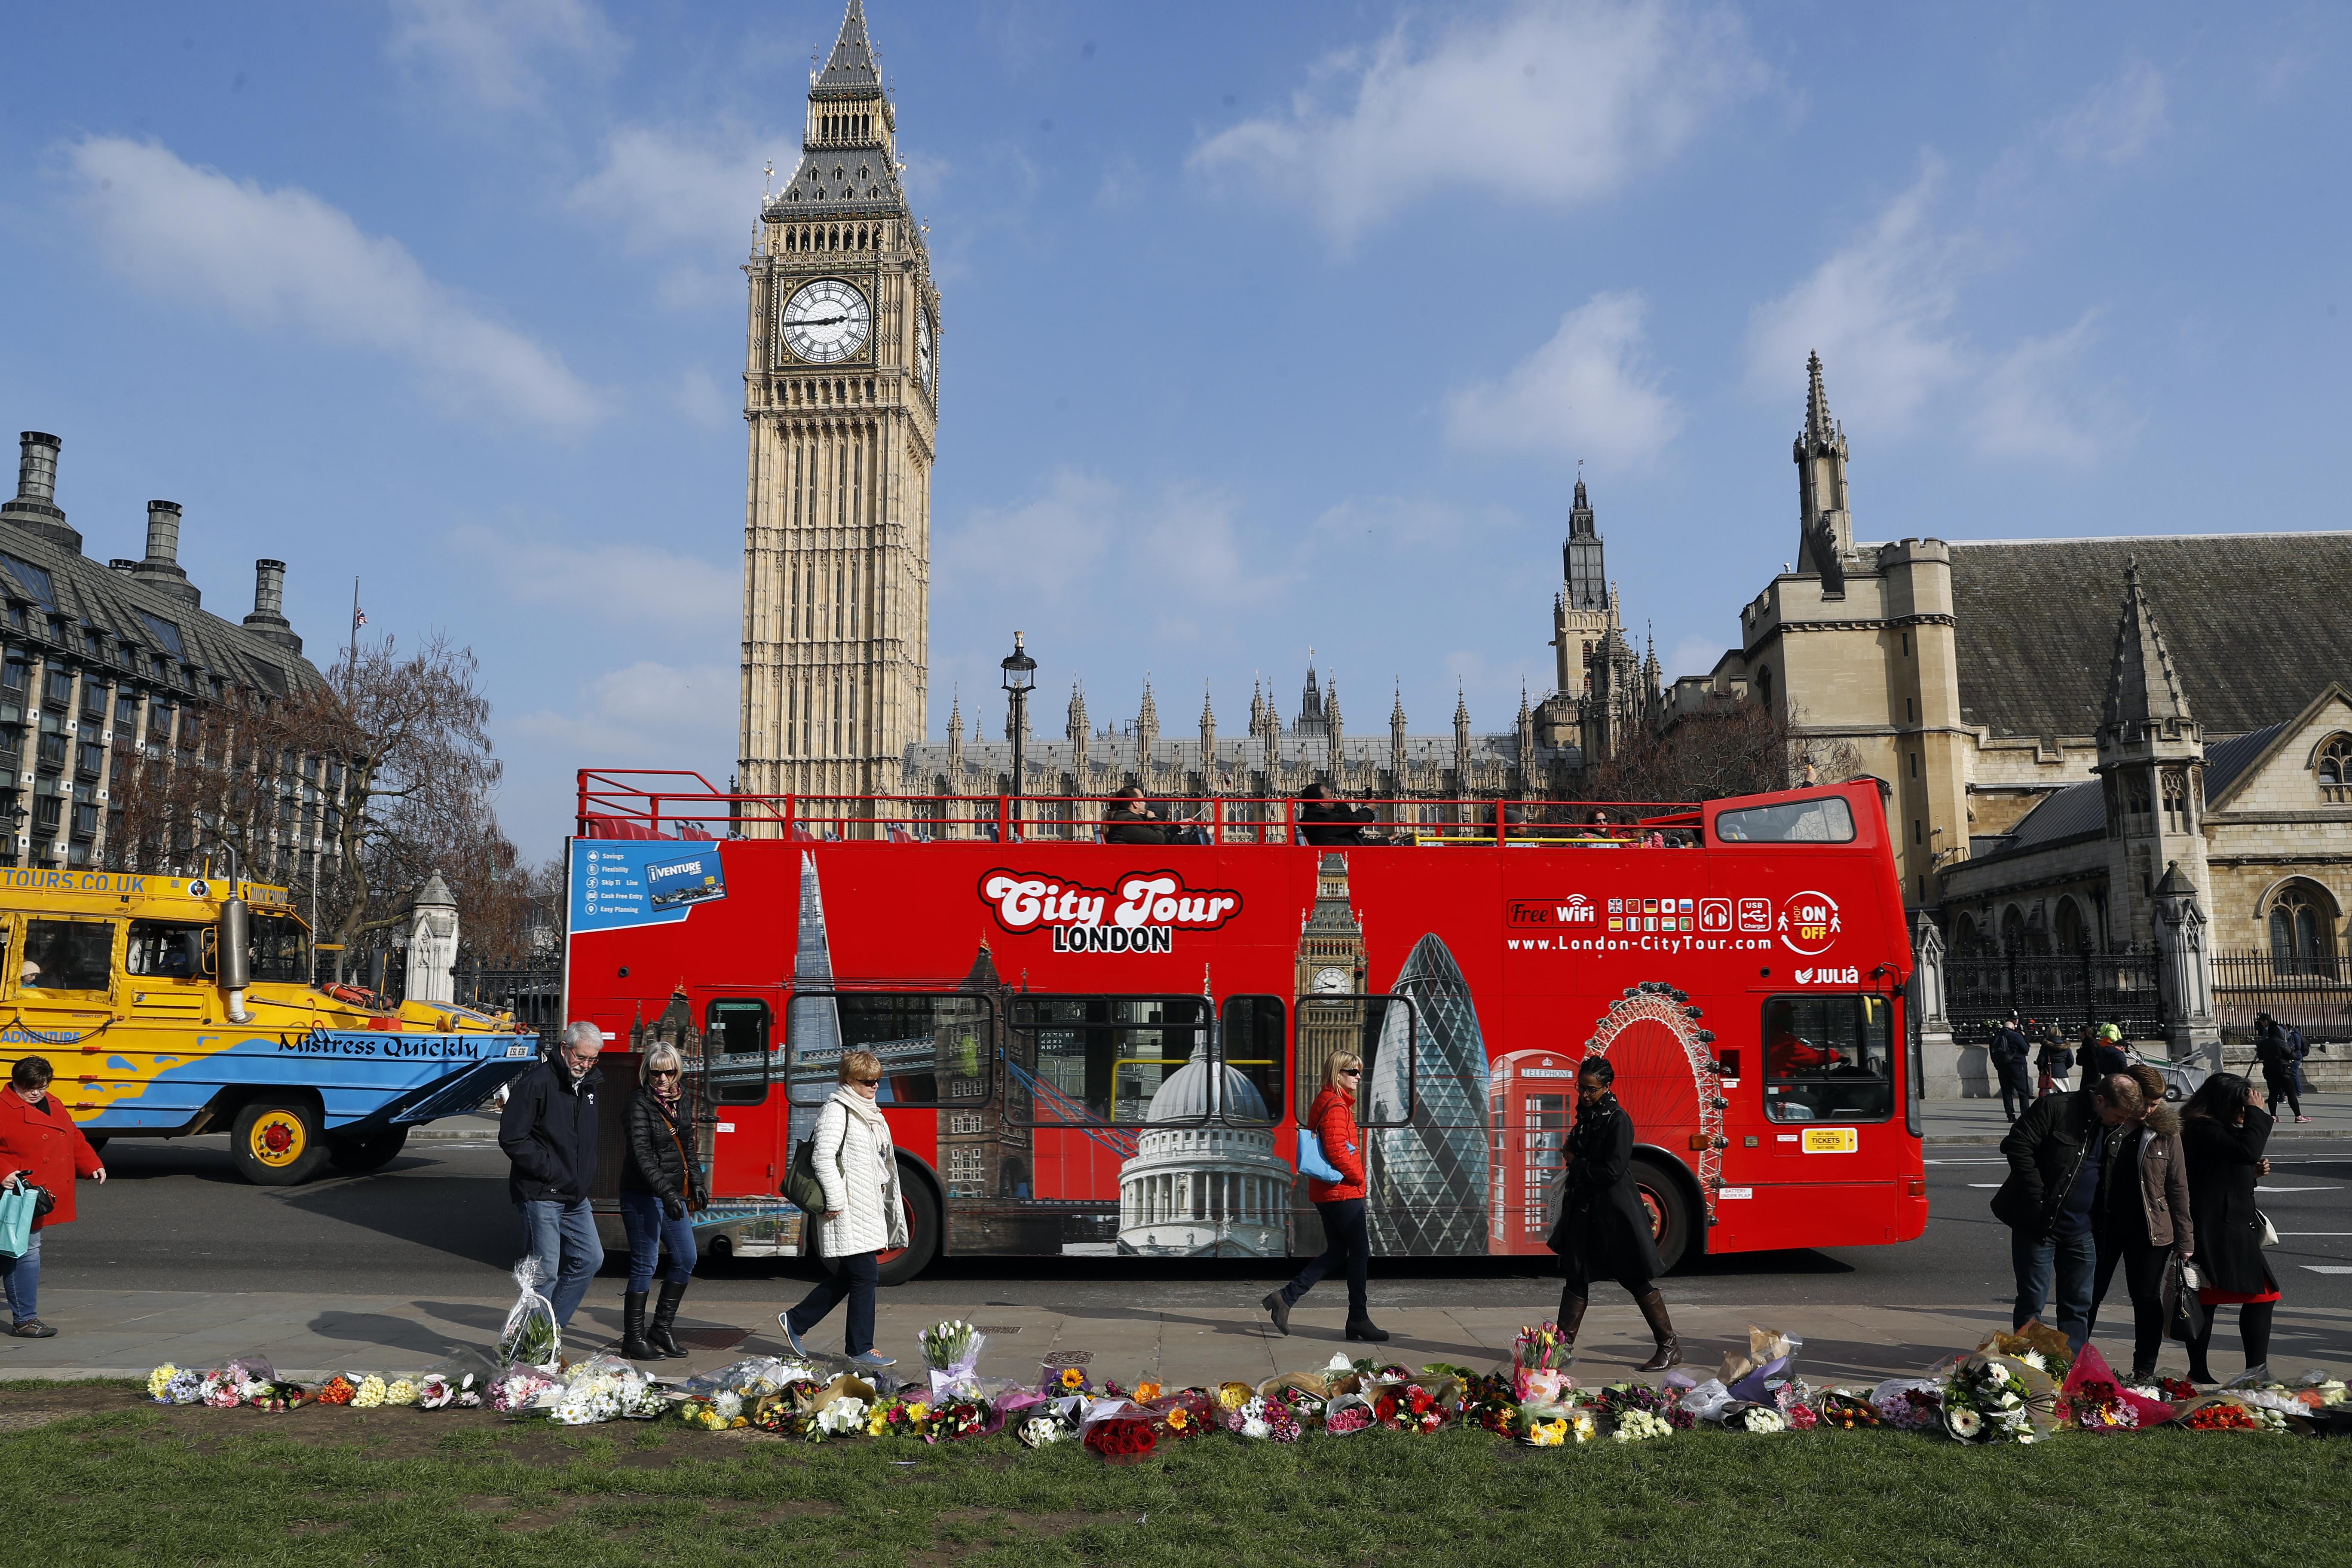 London tourist double decker bus